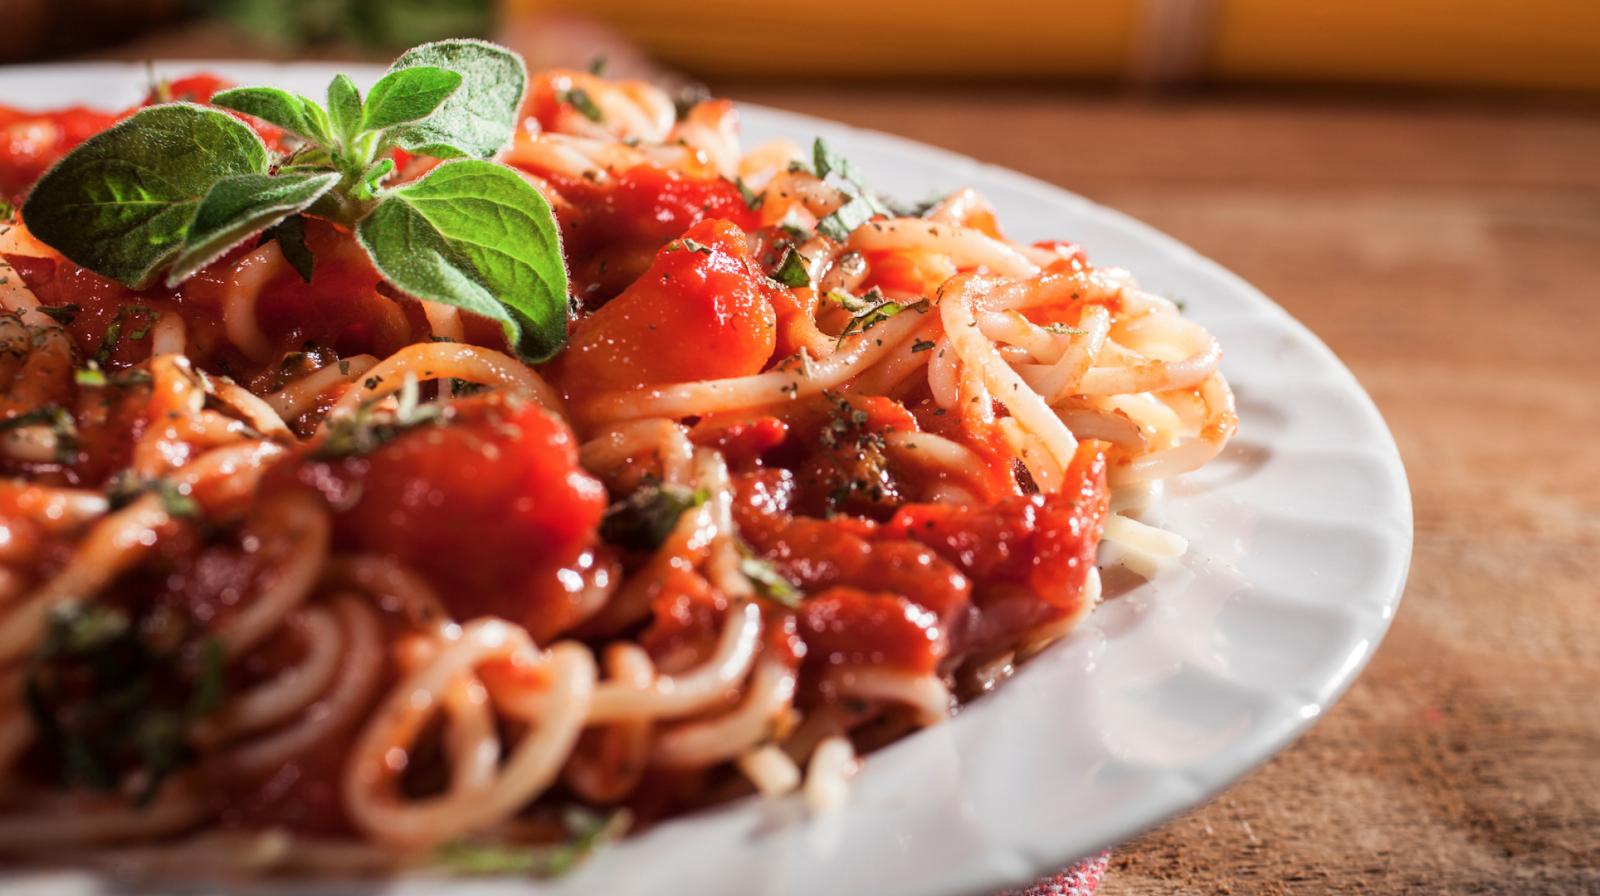 Closeup of a pasta dish